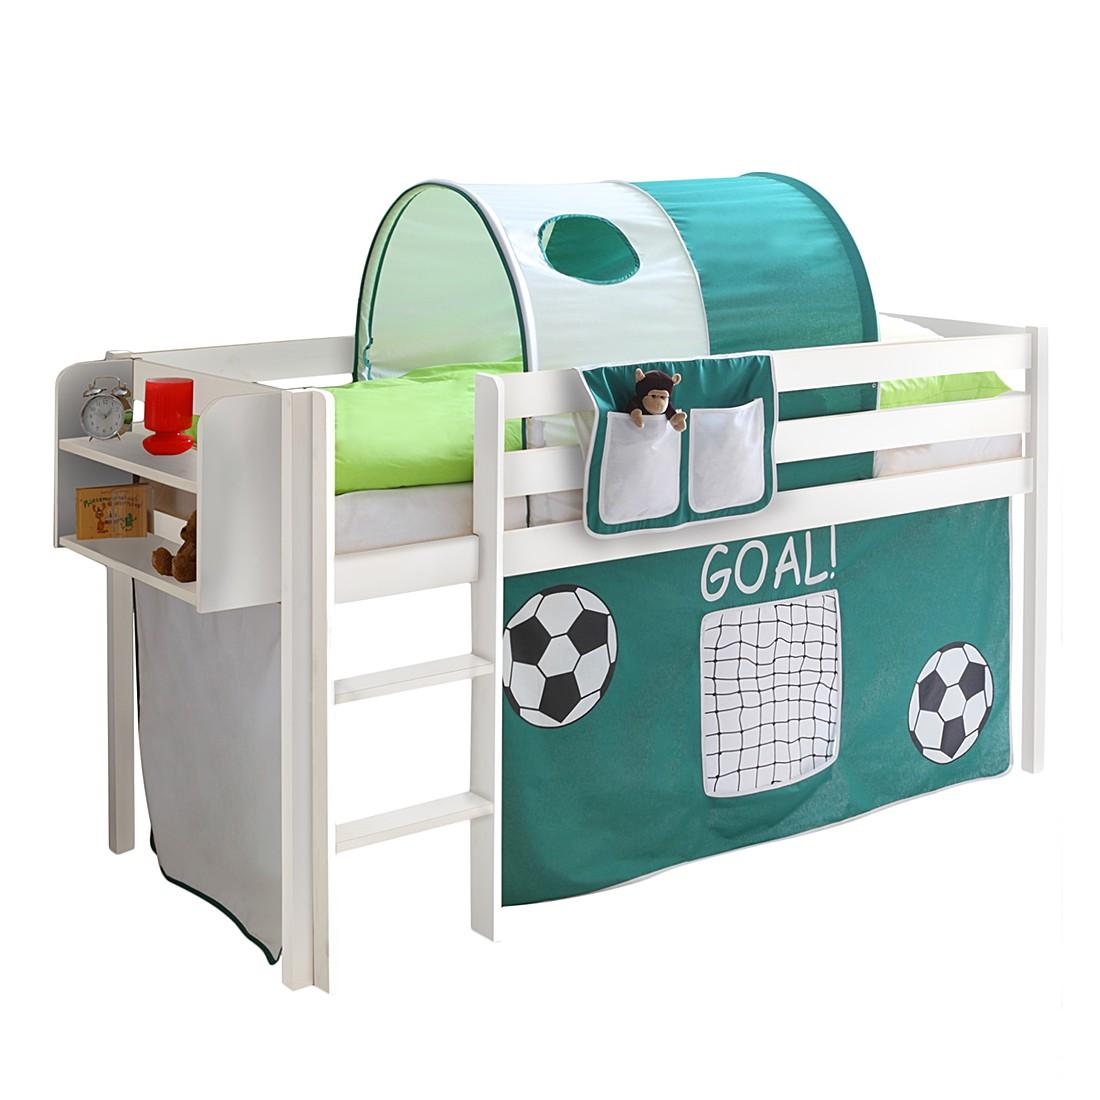 Lit surélevé Malte Goal